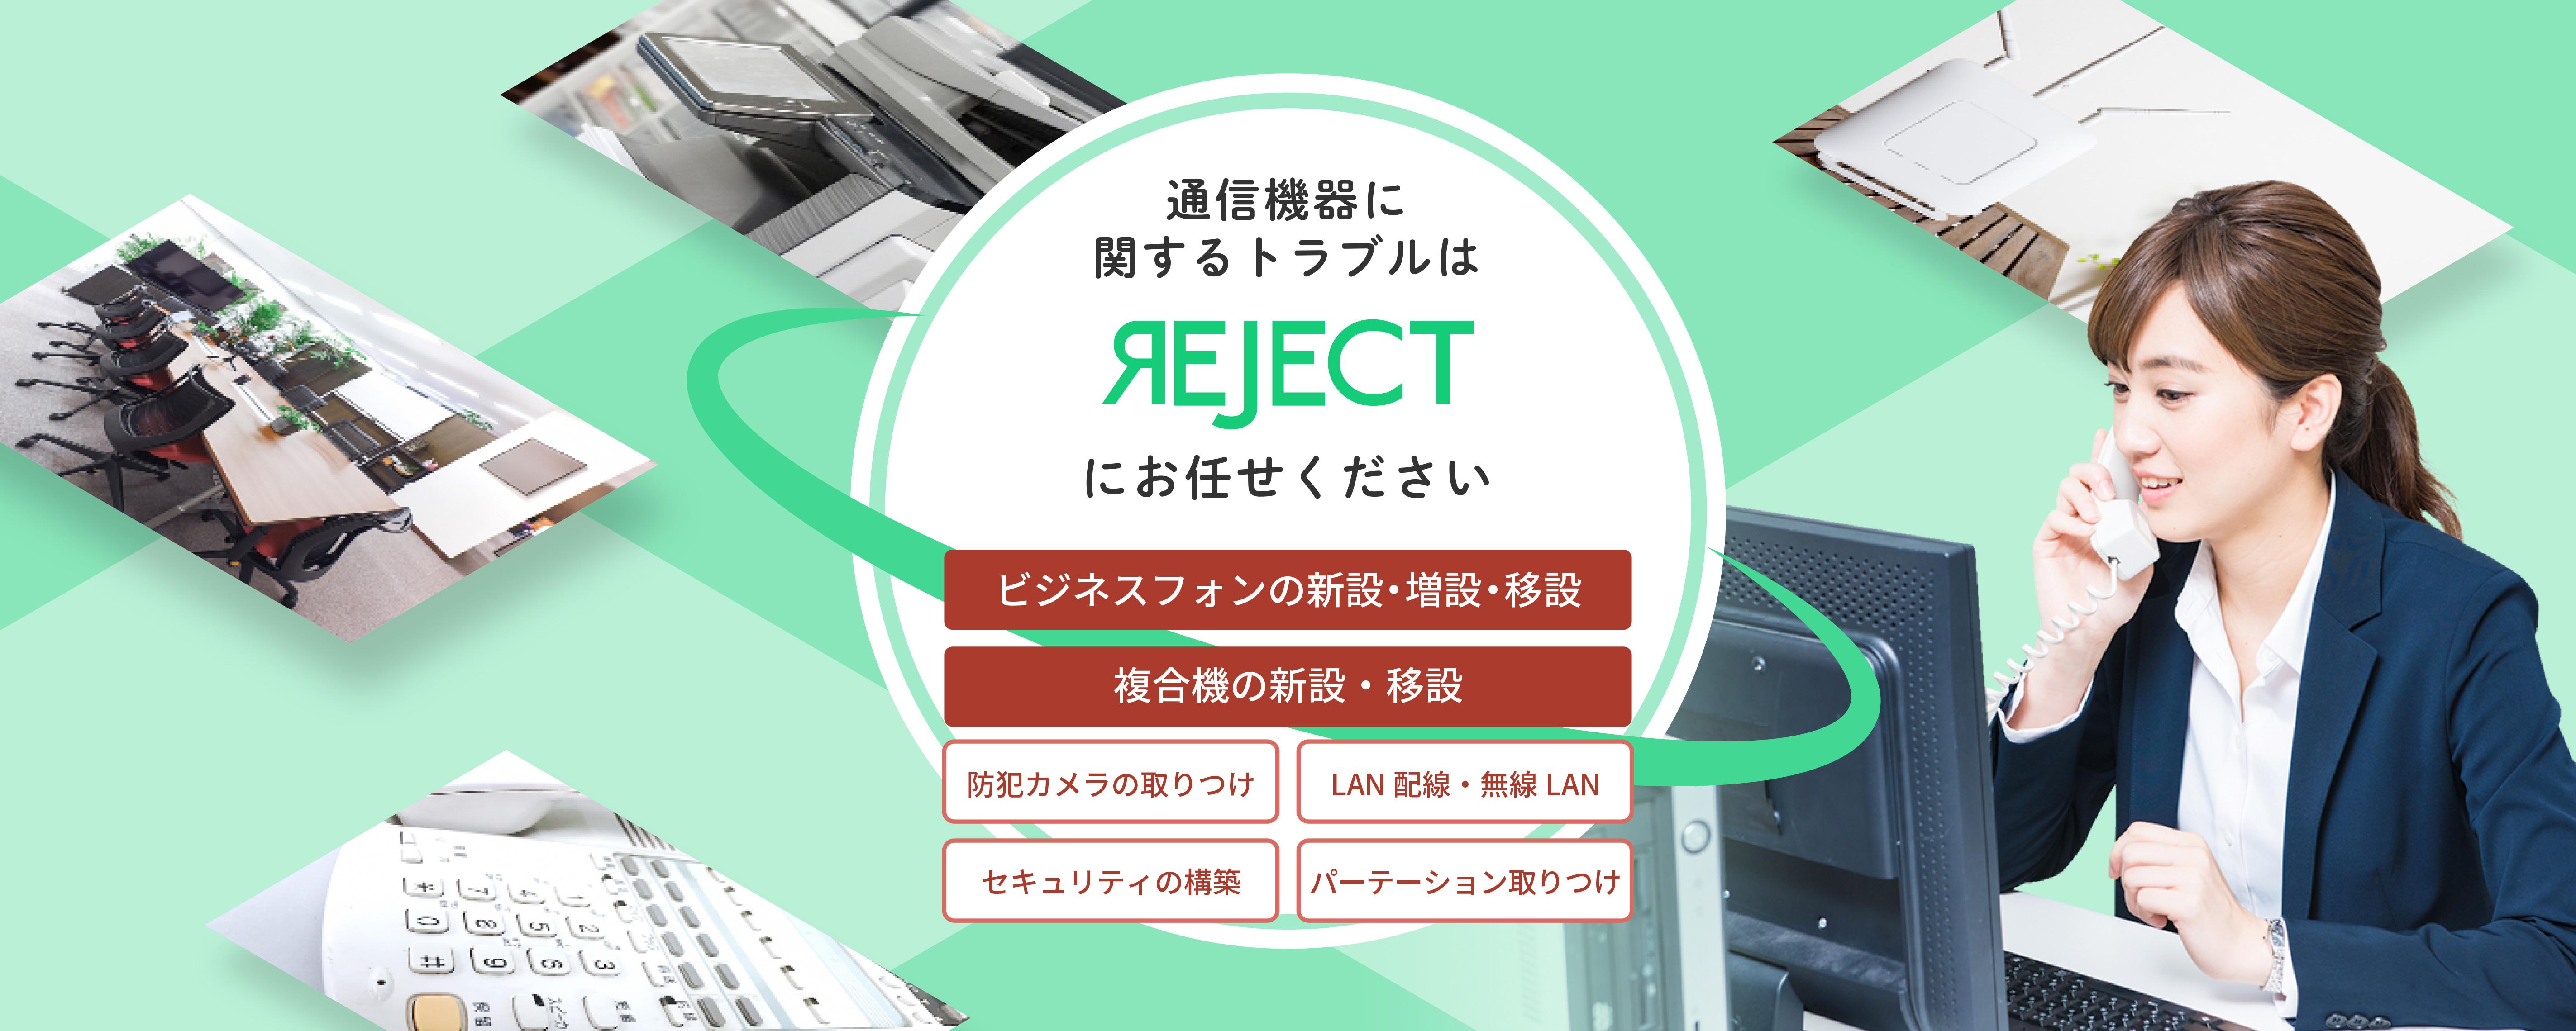 通信機器に関するトラブルはREJECTにお任せください